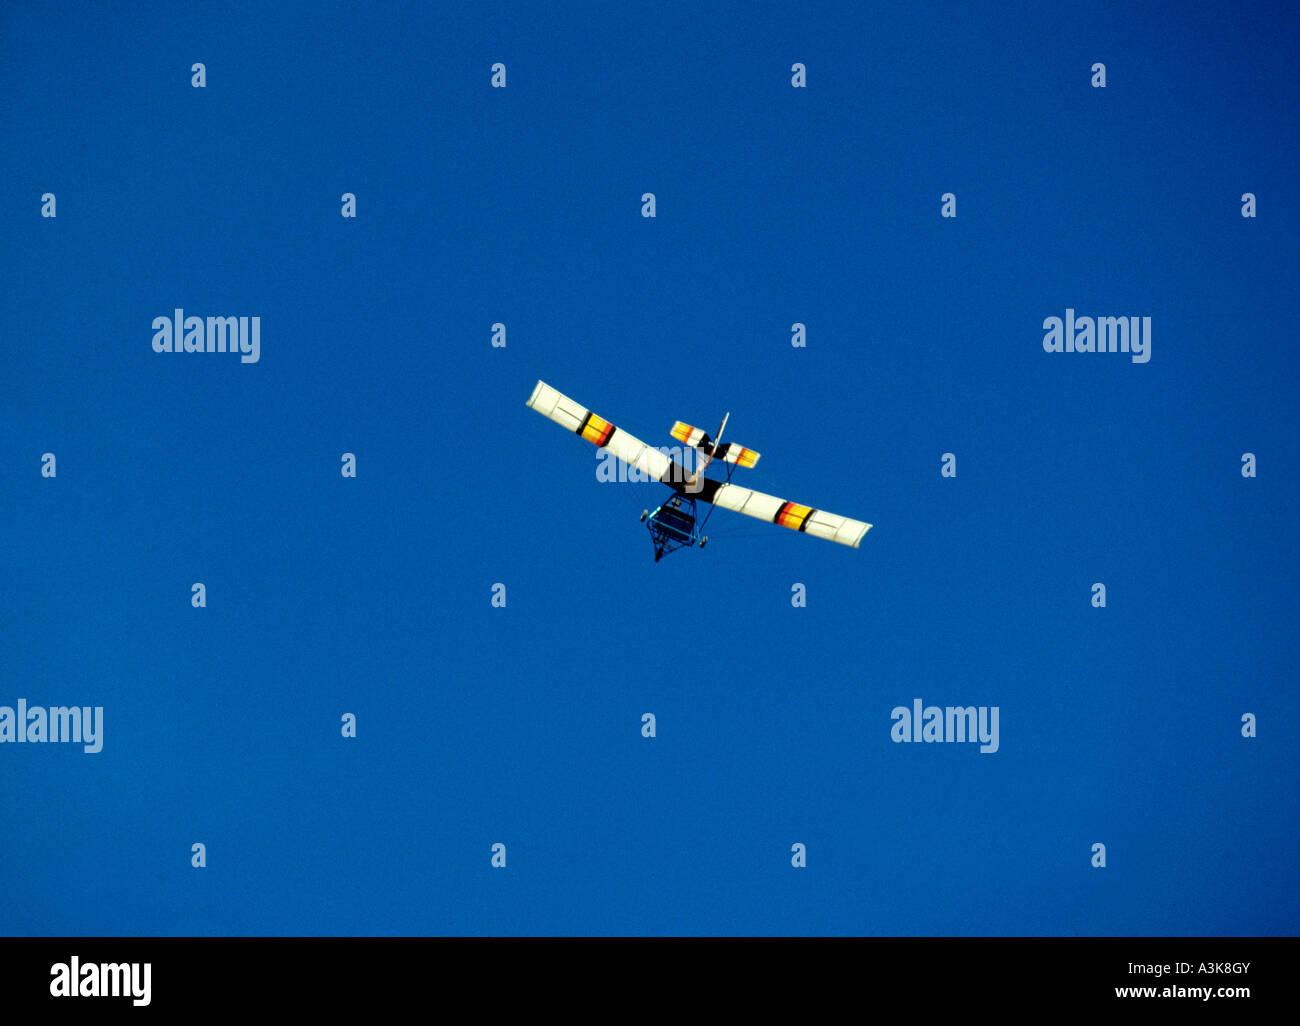 Microlite leichten einmotorigen Flugzeugen vor blauem Himmel Stockbild